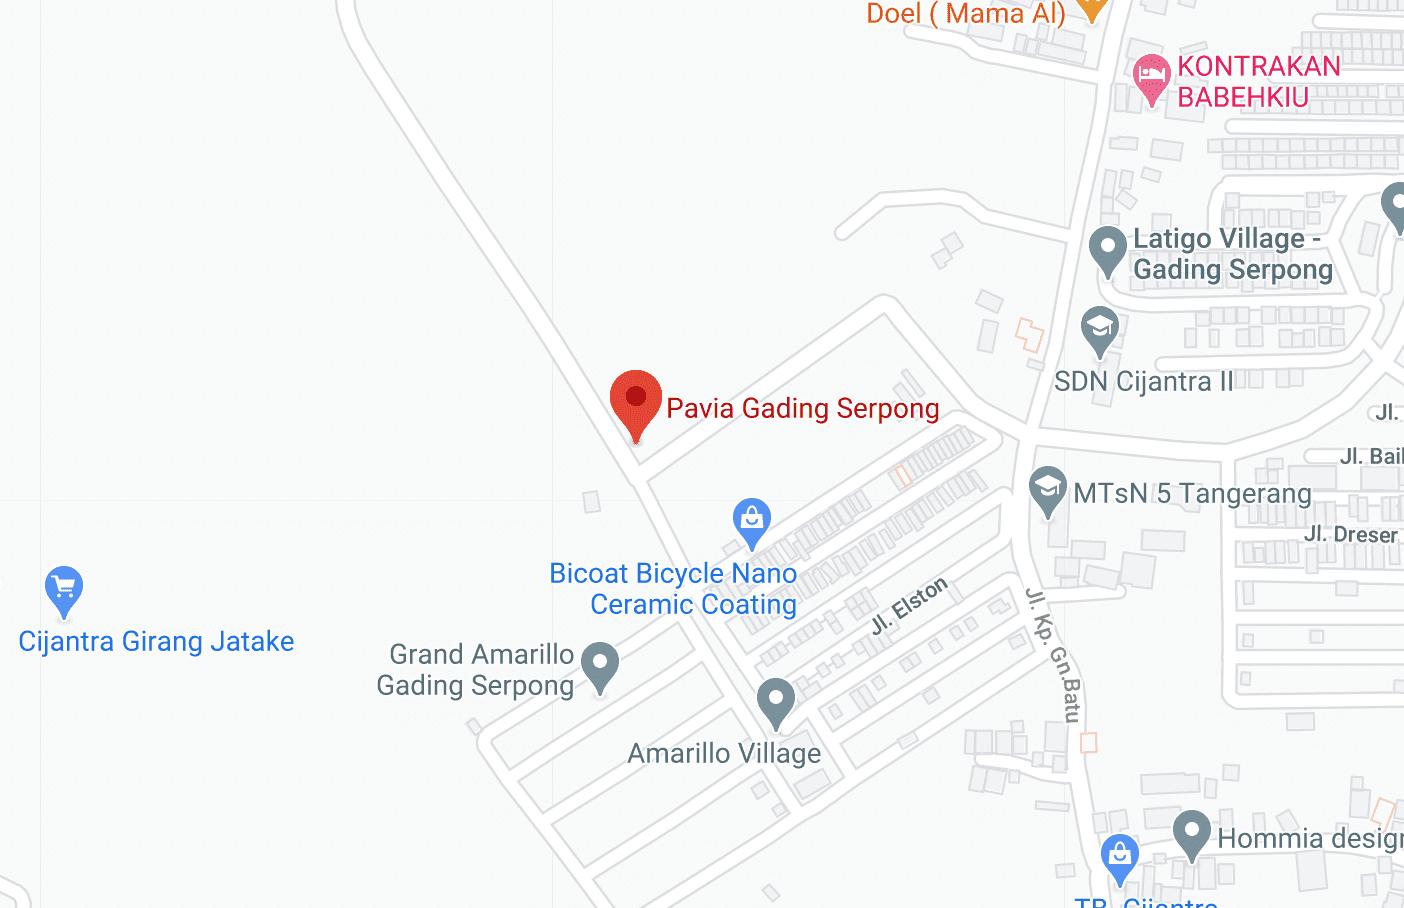 maps-pavia